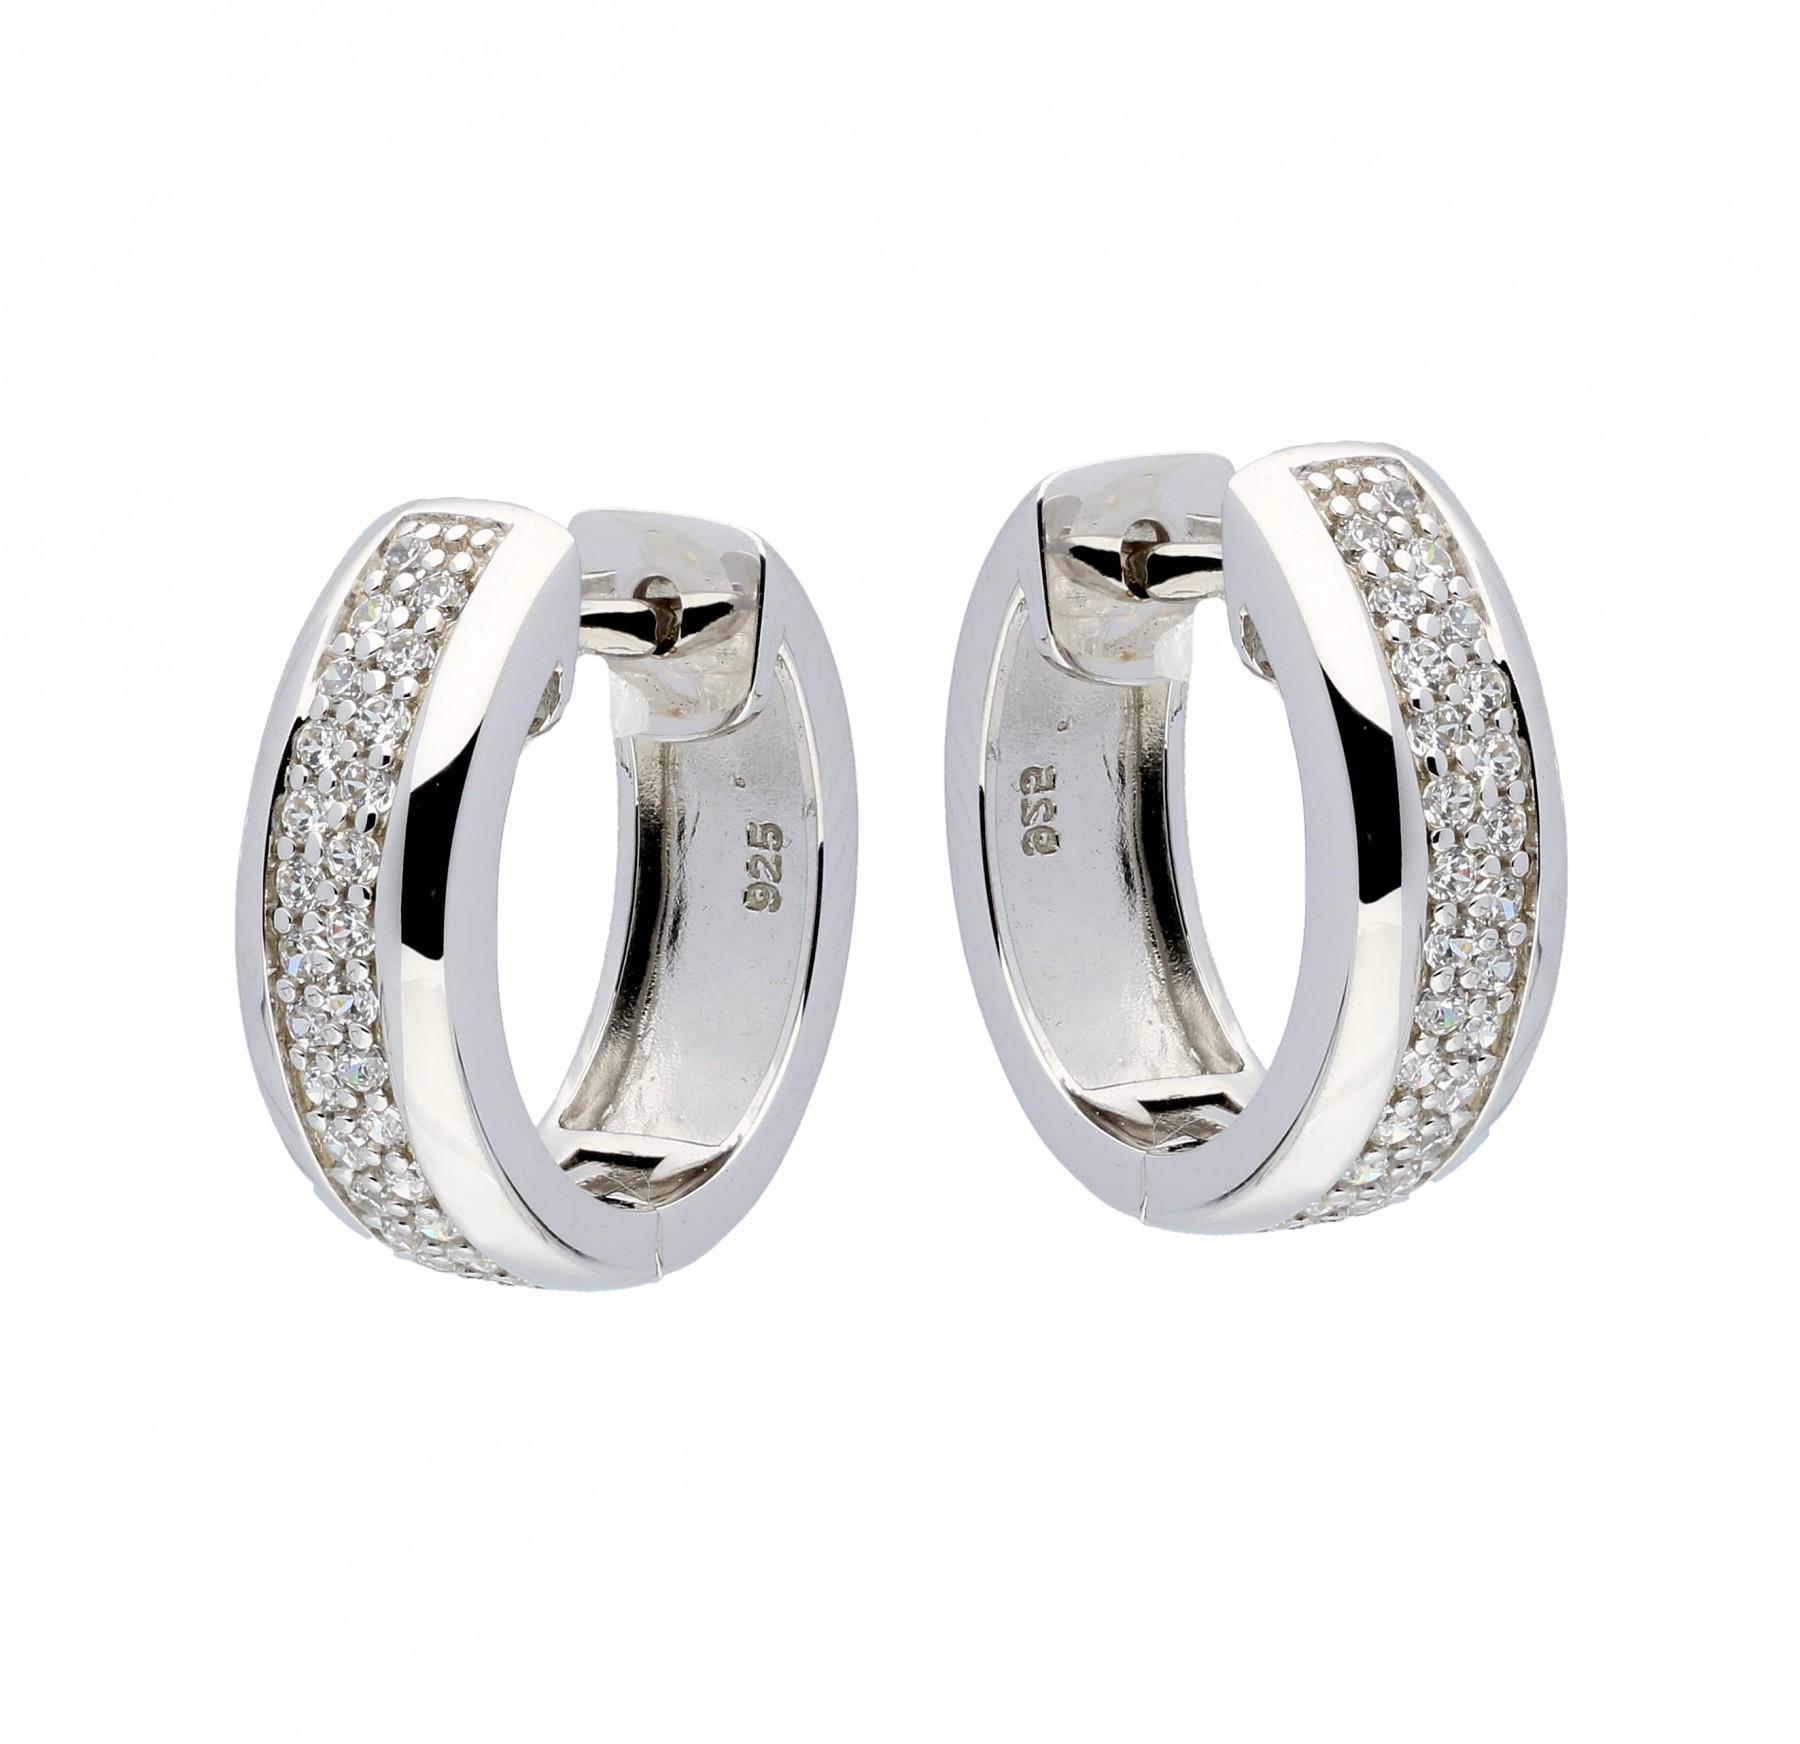 Zilveren Oorbellen klapcreolen met zirconia 15 x 5 mm 107.5280.15